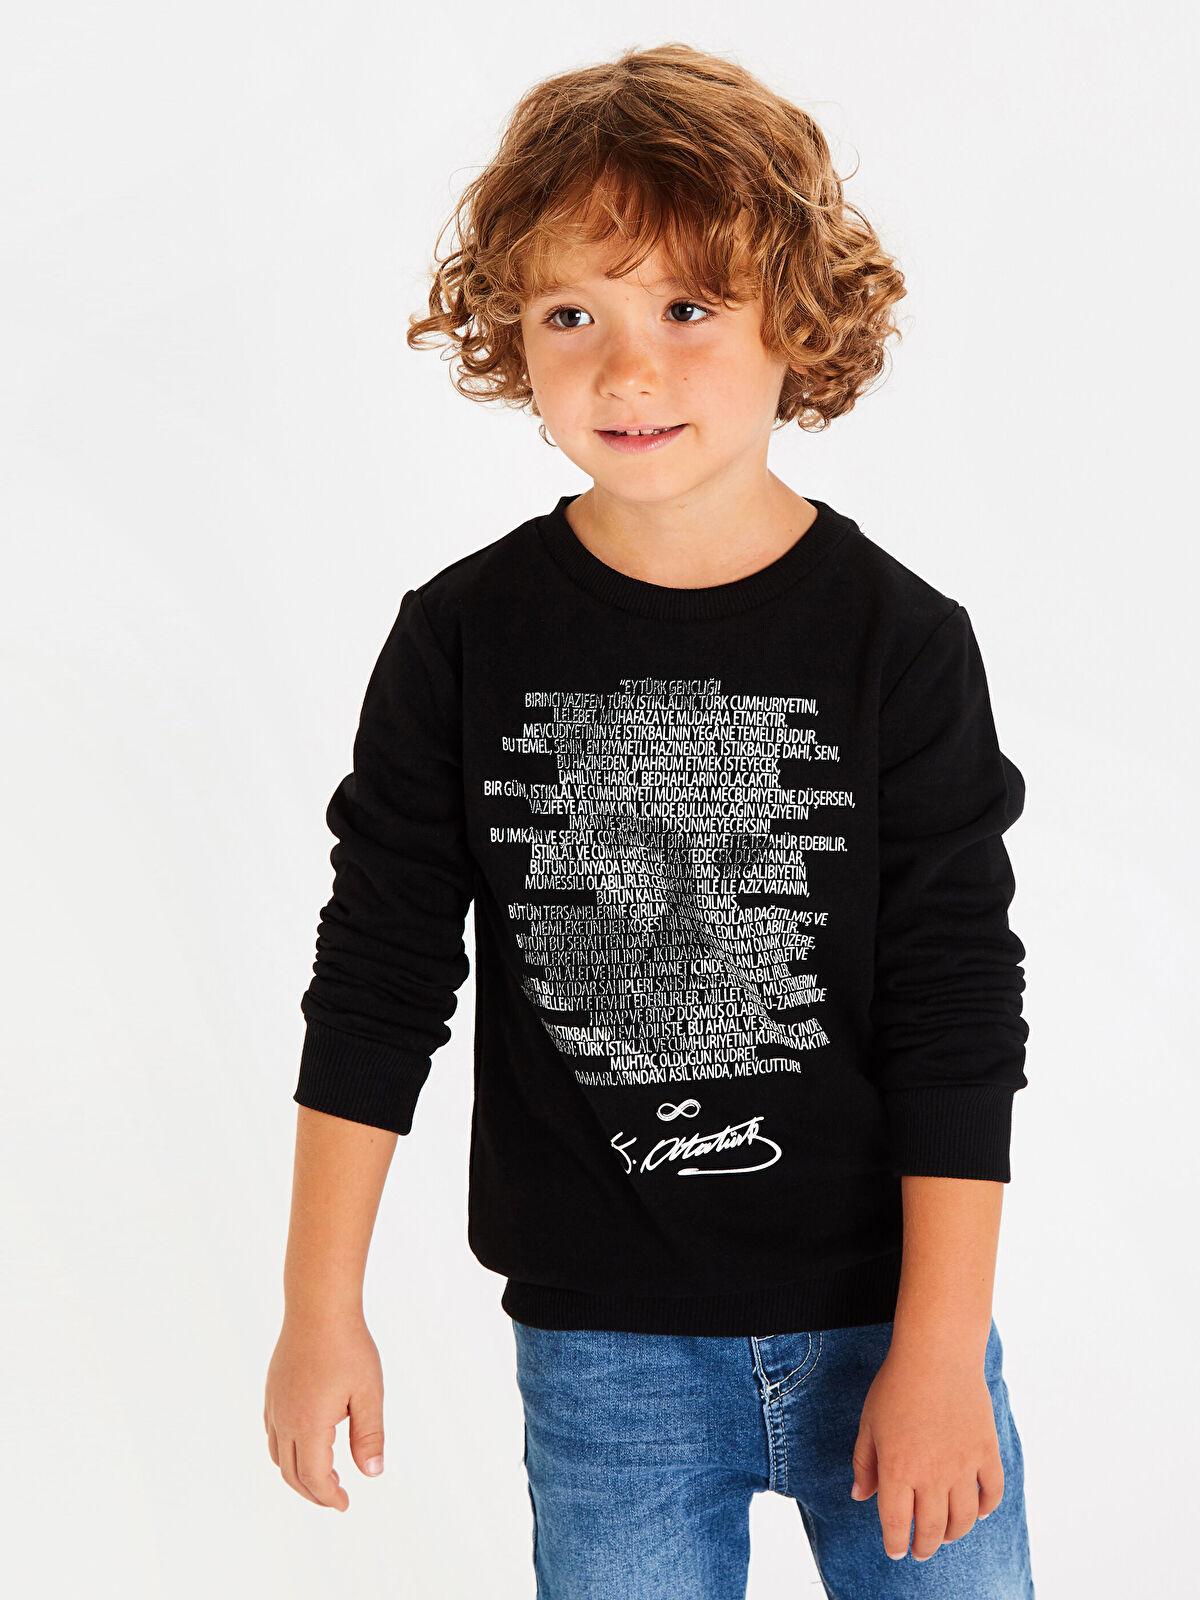 Aile Koleksiyonu Erkek Çocuk Atatürk Gençliğe Hitabe Baskılı Sweatshirt - LC WAIKIKI